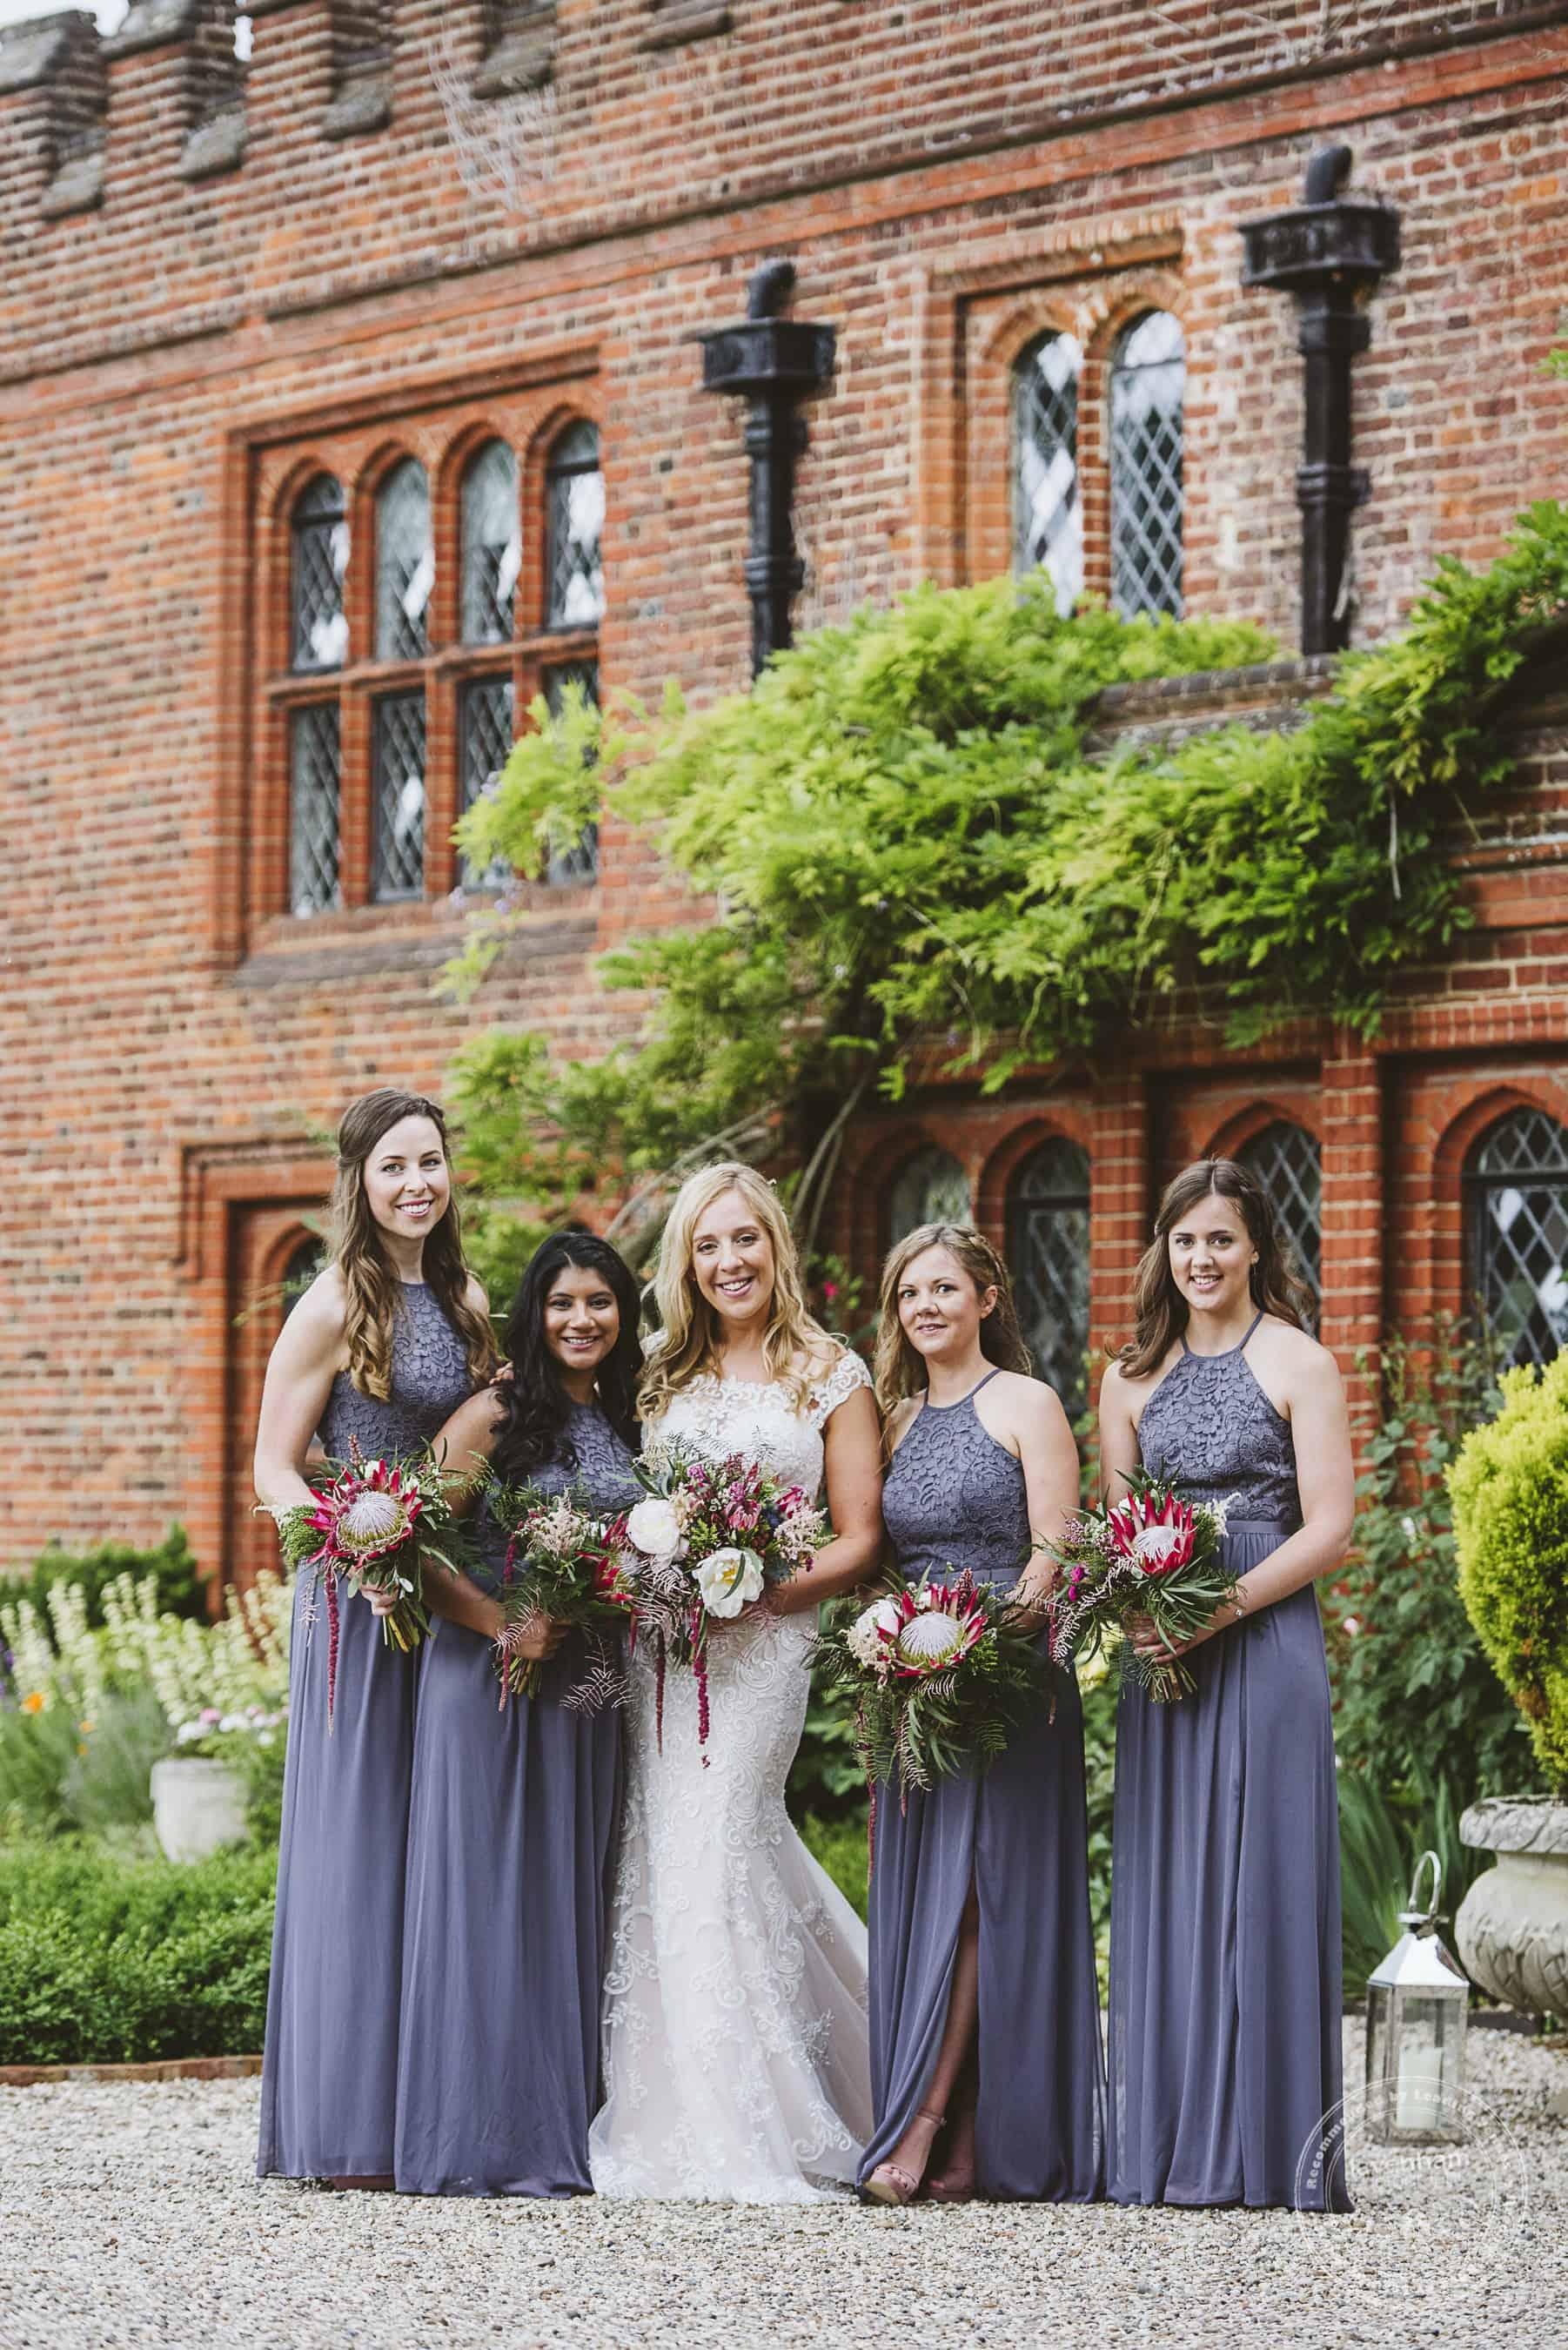 020618 Leez Priory Wedding Photography Lavenham Photographic 079